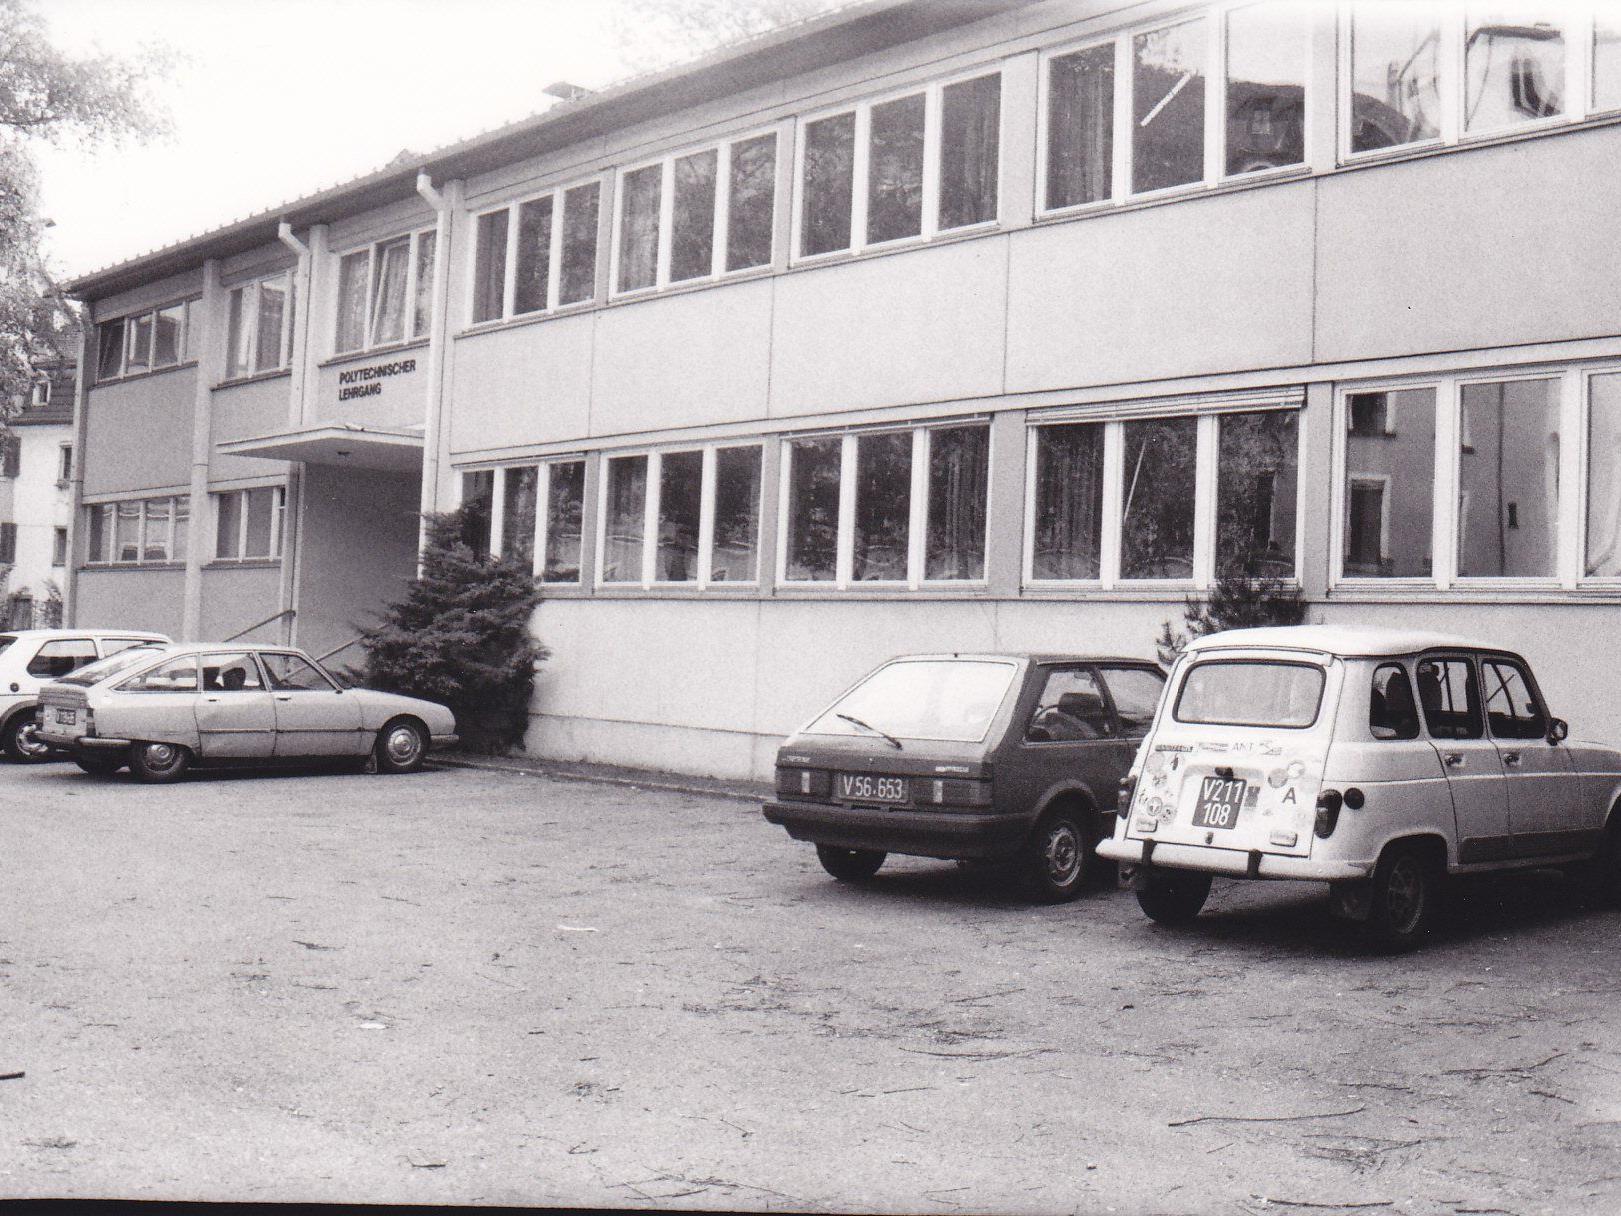 Das einstige Gebäude des Polytechnischen Lehrganges (Poly) wurde 2011 abgebrochen